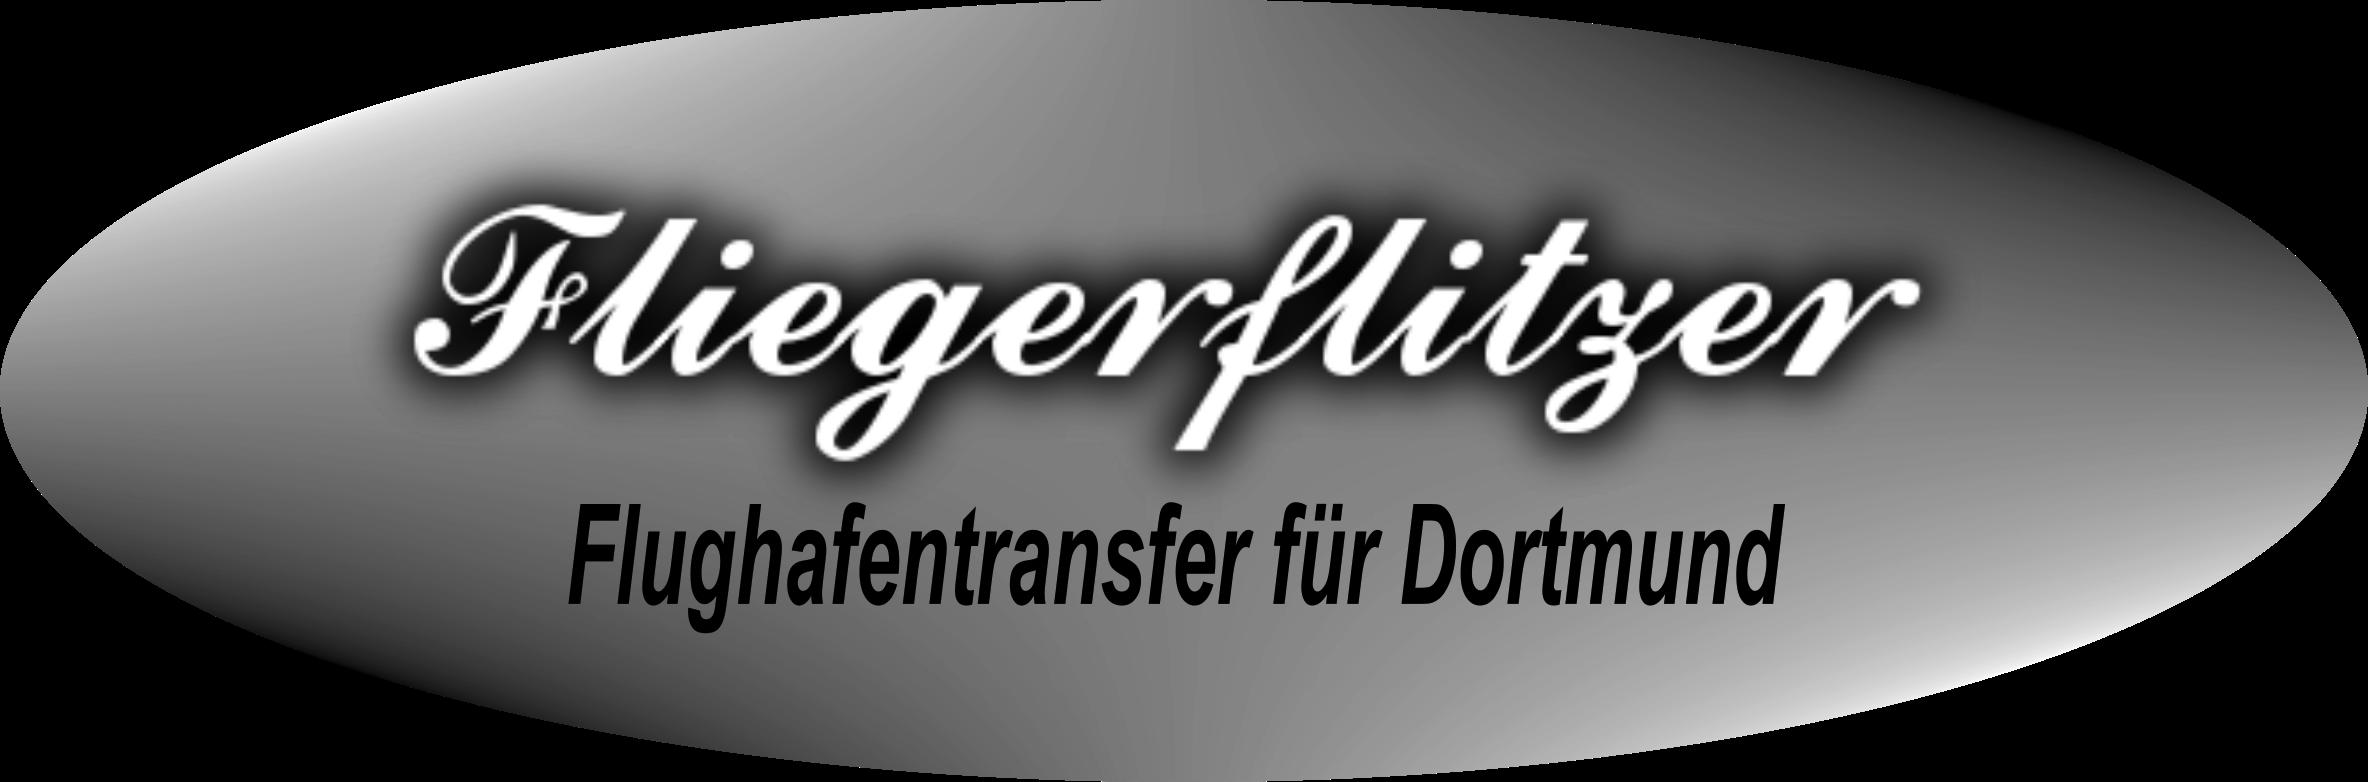 Mit unserem Flughafentransfer Dortmund zu allen Flughäfen und Häfen in Deutschland und Europa